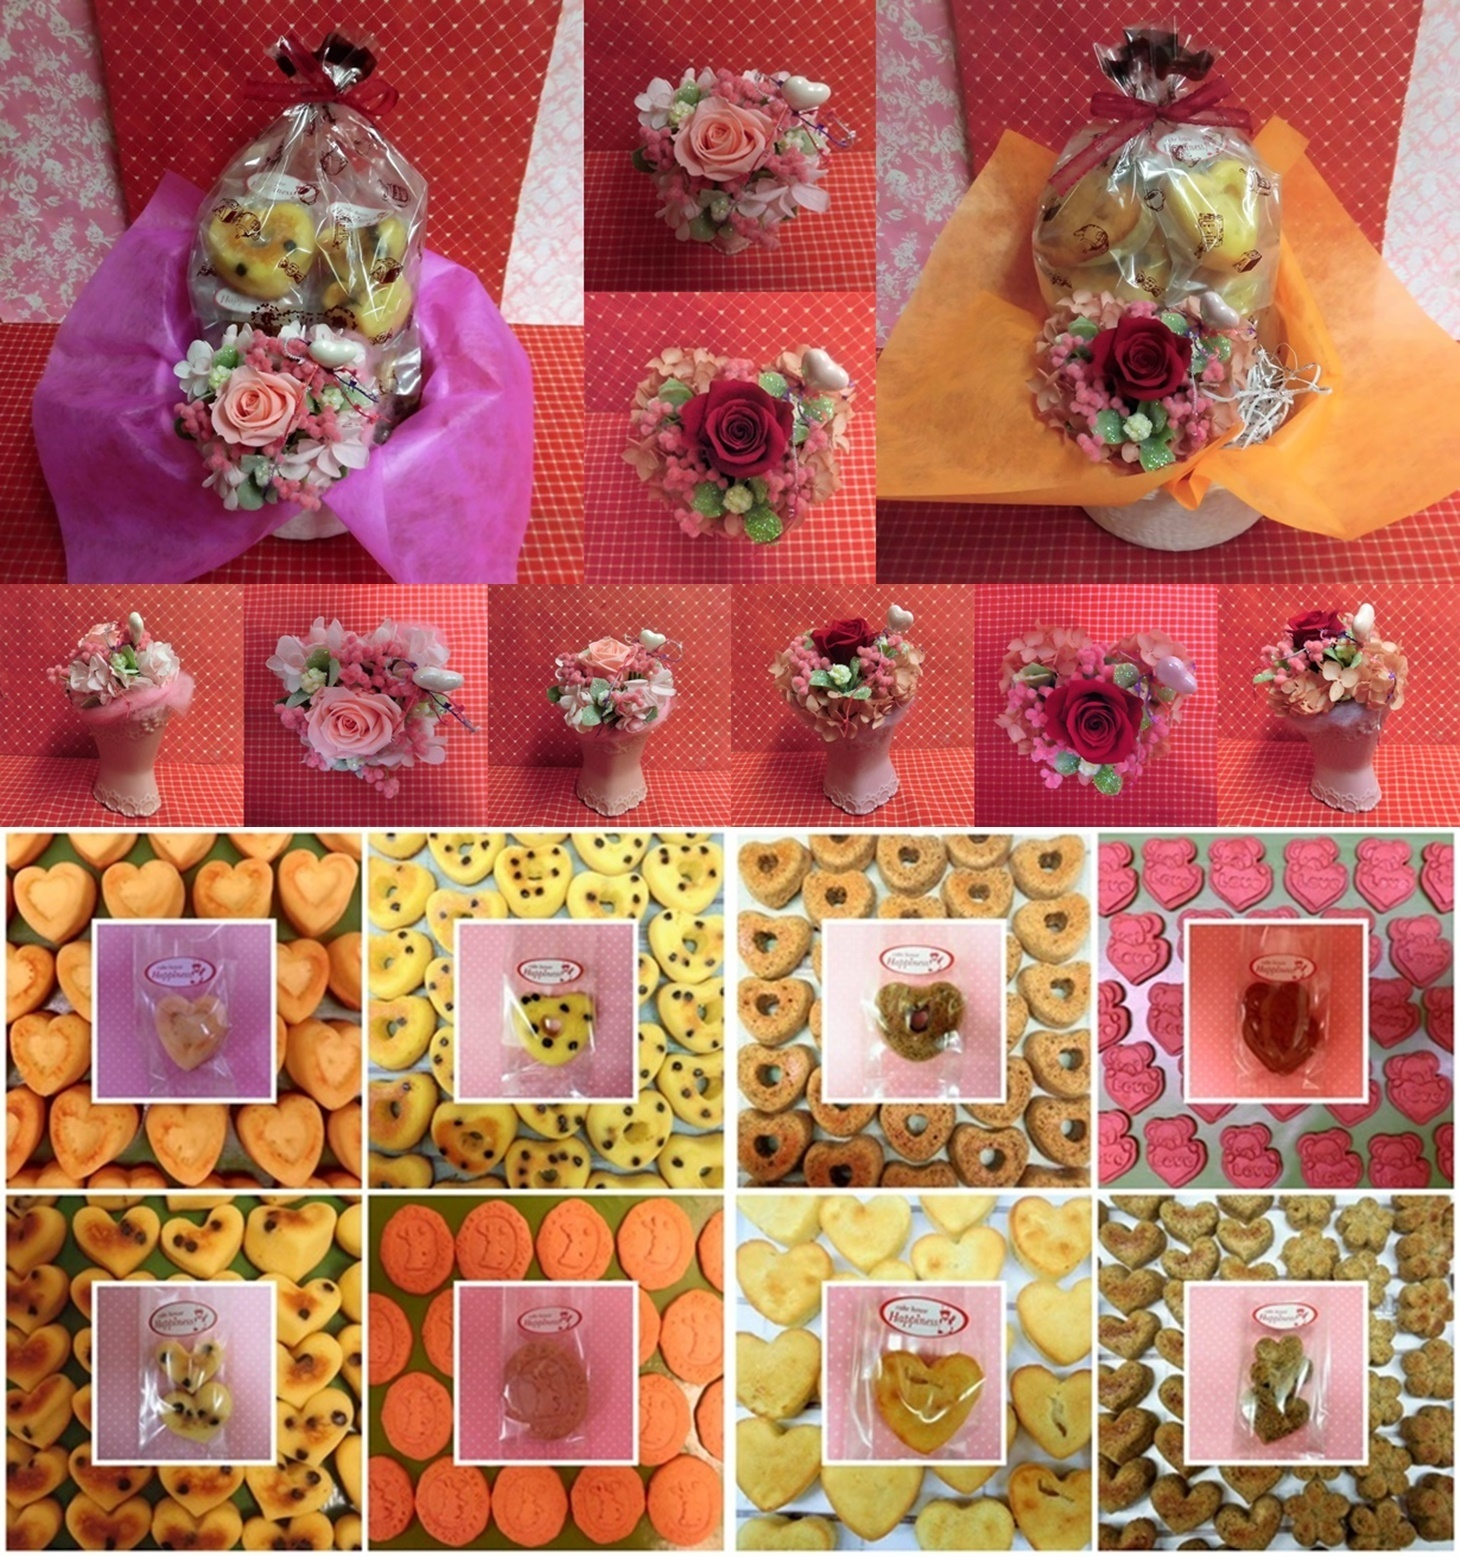 エレガントなハートの陶器にアレンジした薔薇のプリザーブドフラワーとハートの焼き菓子のギフトセット販売中です